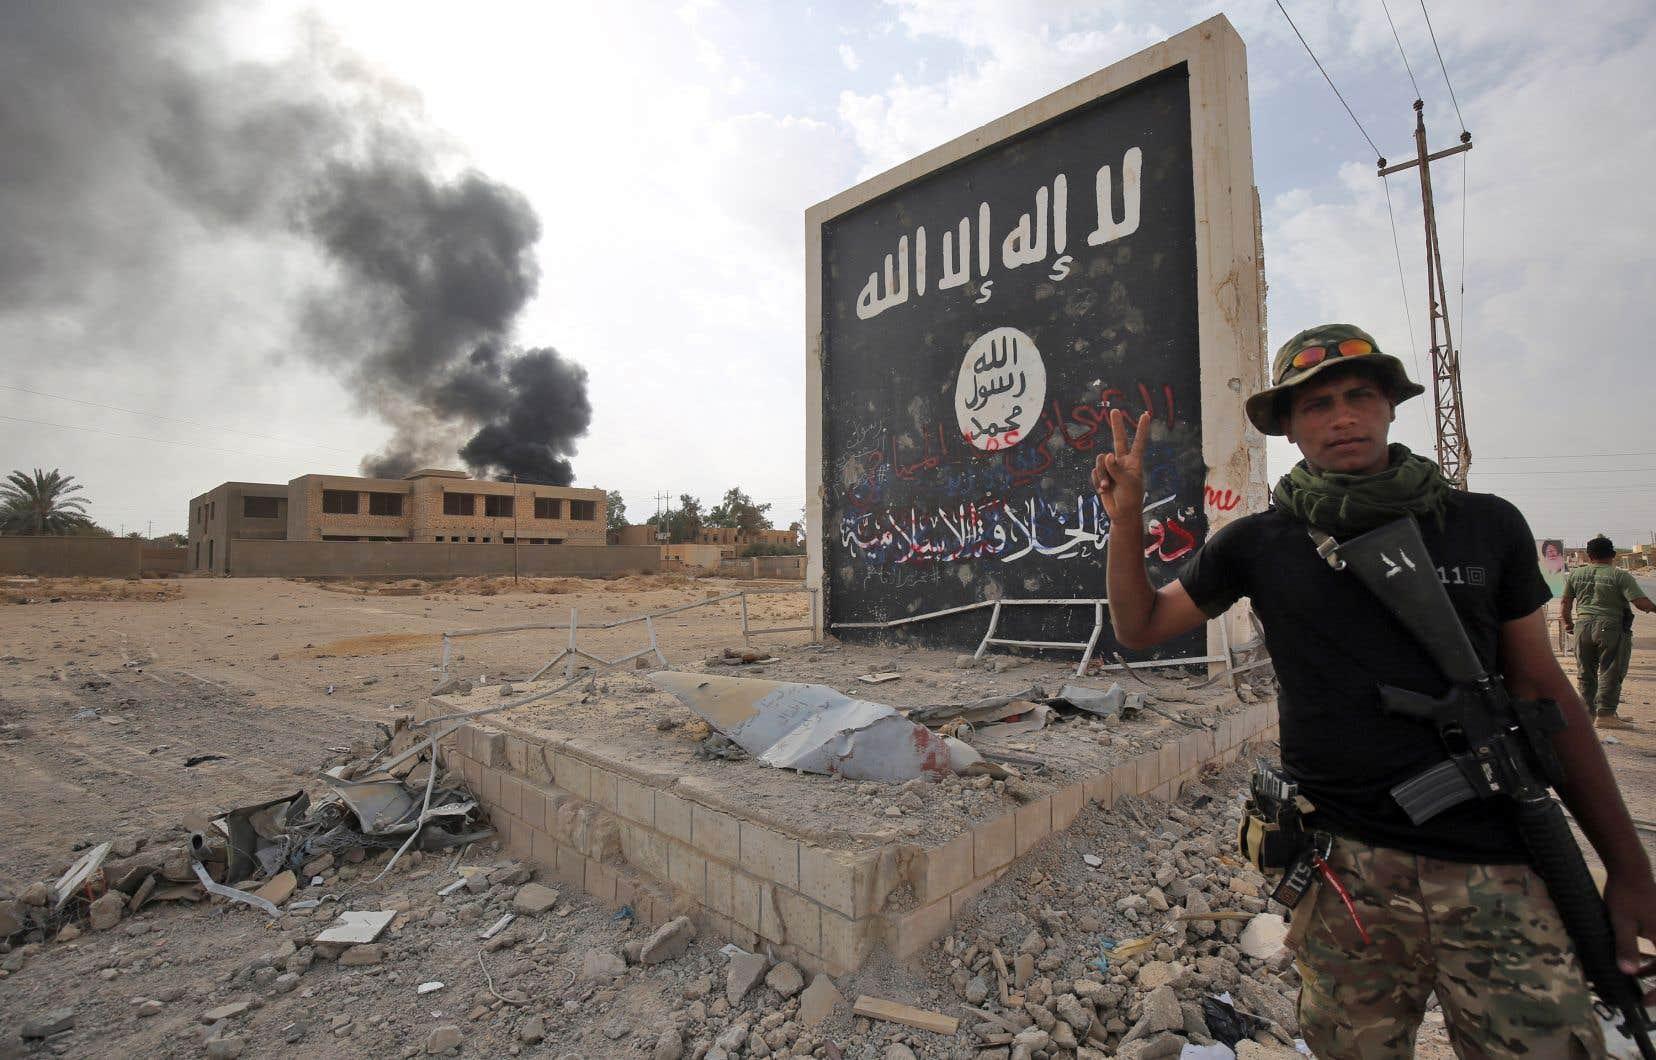 Dans un récent rapport, des observateurs de l'ONU ont fixé à une fourchette de 20000 à 30000 le nombre de combattants du groupe EI encore présents en Irak et en Syrie.